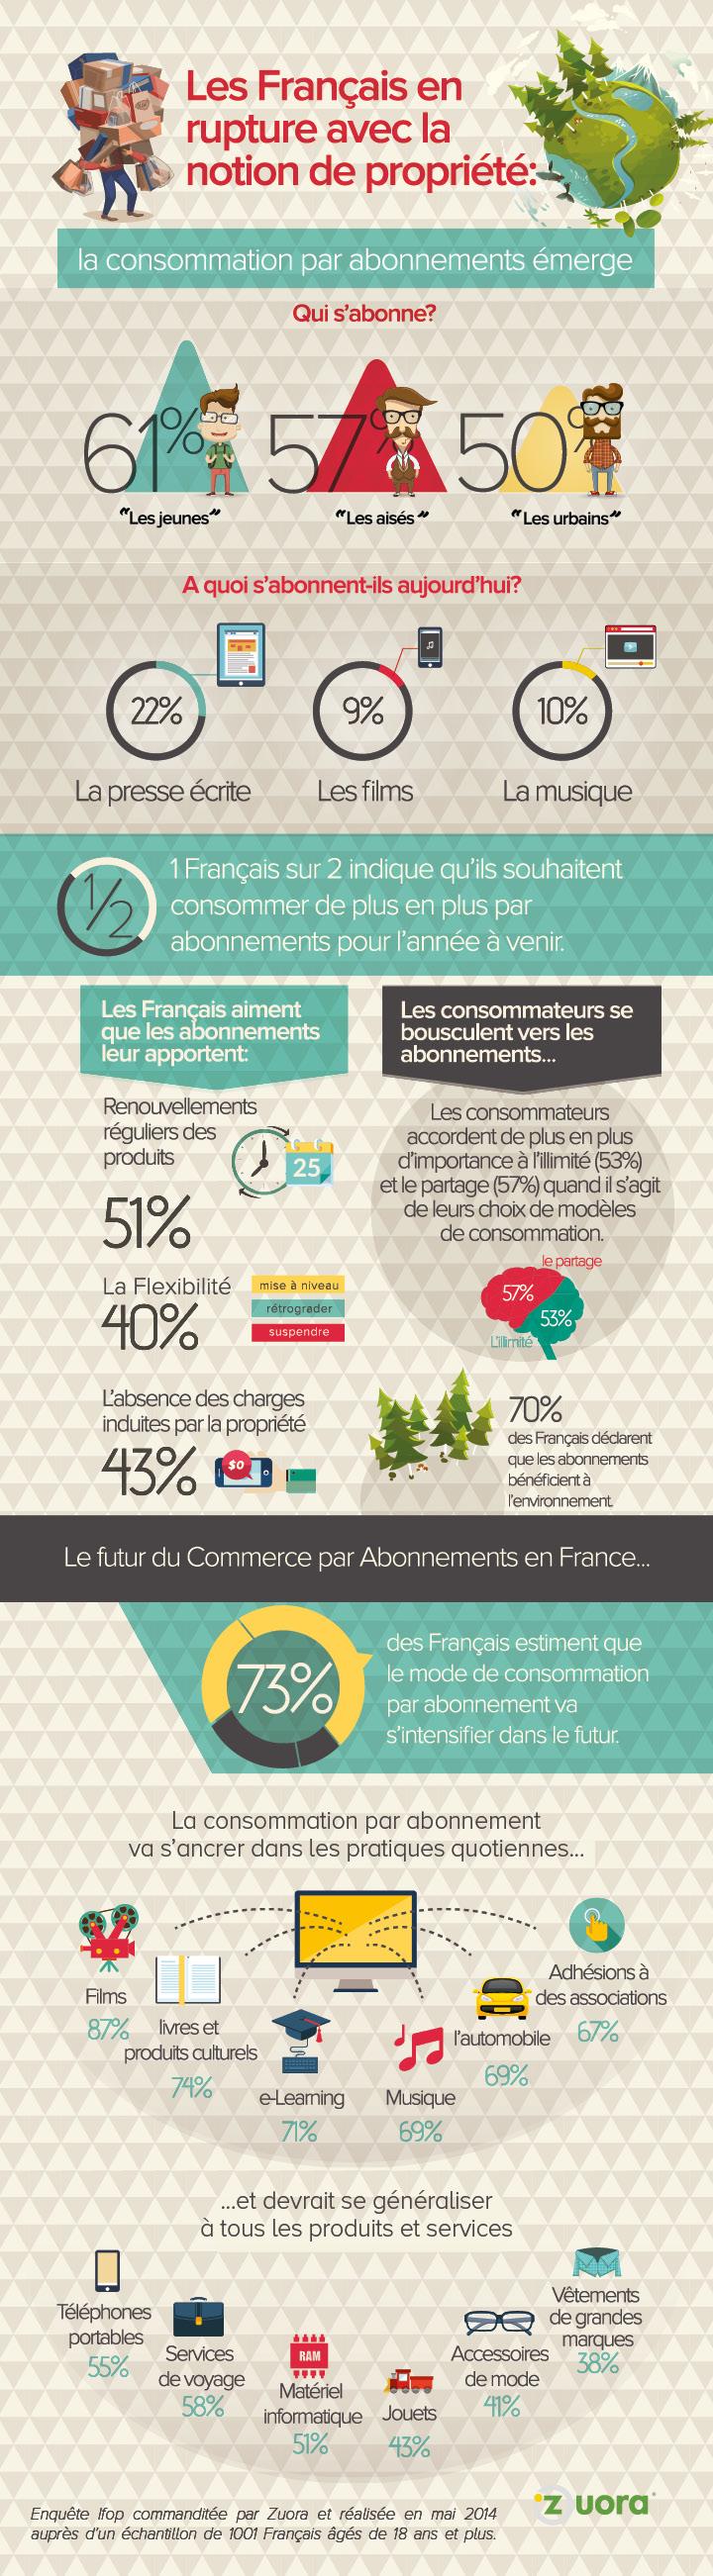 Plus d'un Français sur deux en rupture avec les modes de consommation traditionnels